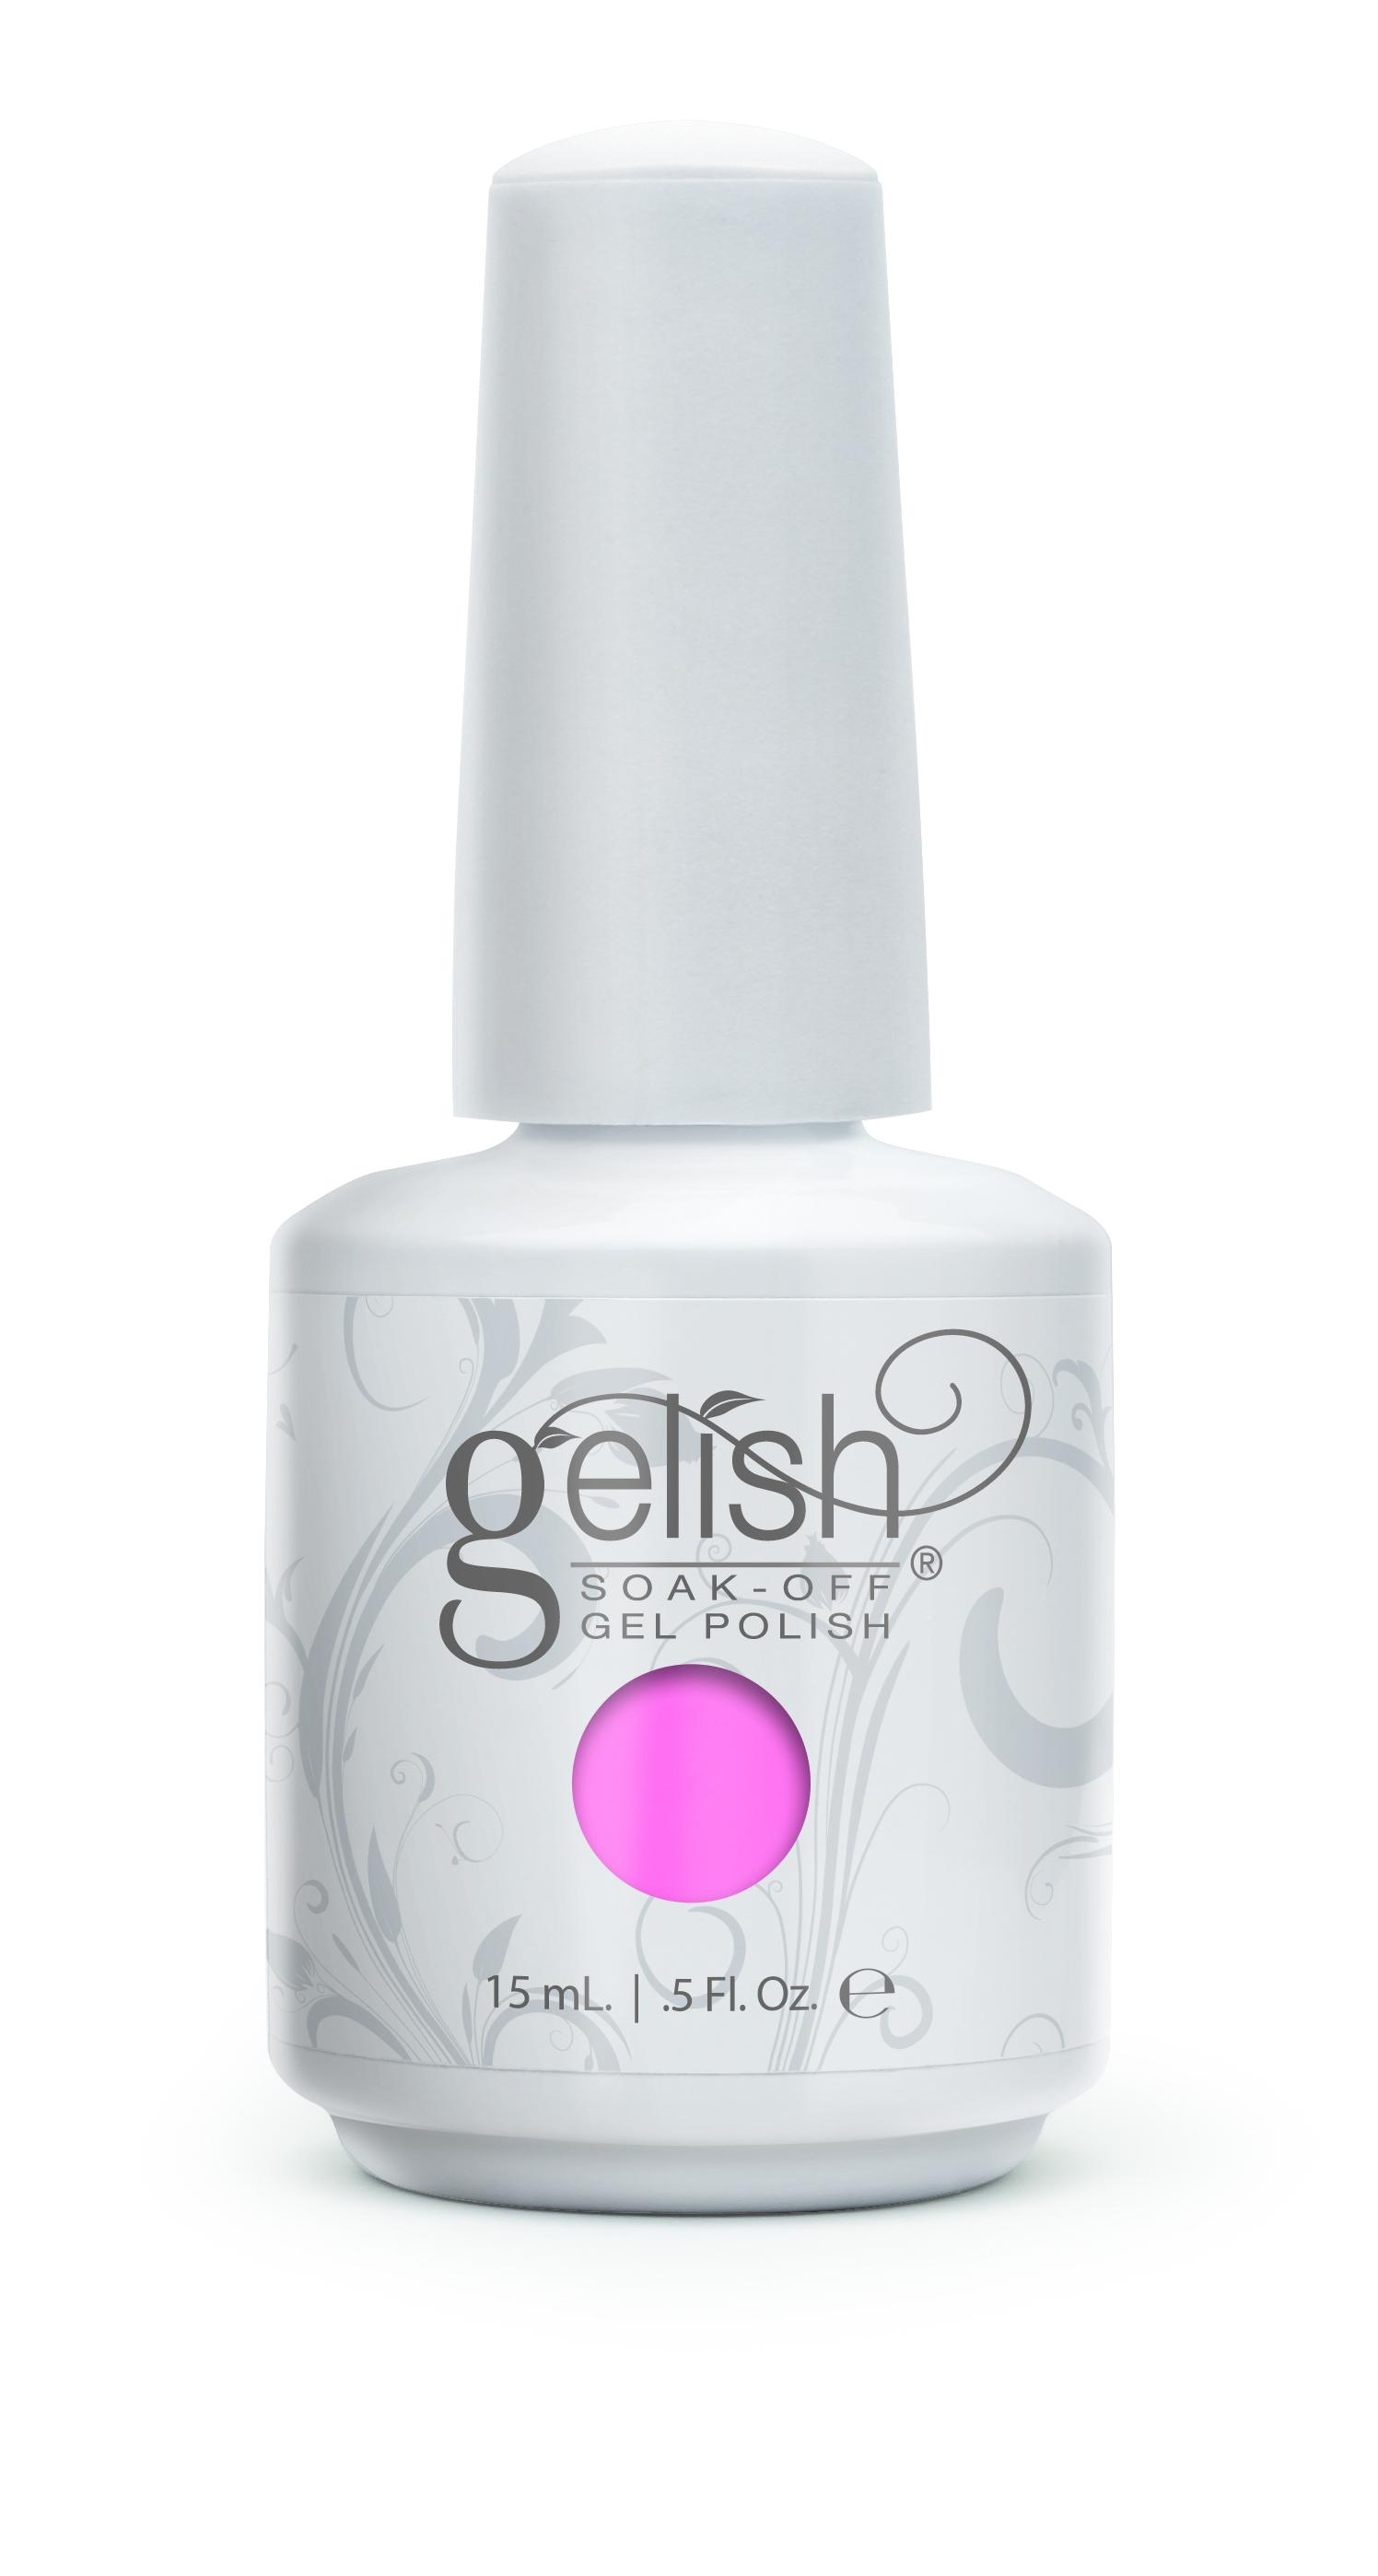 GELISH Гель-лак Ella Of A Girl / GELISH 15млГель-лаки<br>Гель-лак Gelish наносится на ноготь как лак, с помощью кисточки под колпачком. Процедура нанесения схожа с&amp;nbsp;нанесением обычного цветного покрытия. Все гель-лаки Harmony Gelish выполняют функцию еще и укрепляющего геля, делая ногти более прочными и длинными. Ногти клиента находятся под защитой гель-лака, они не ломаются и не расслаиваются. Гель-лаки Gelish после сушки в LED или УФ лампах держатся на натуральных ногтях рук до 3 недель, а на ногтях ног до 5 недель. Способ применения: Подготовительный этап. Для начала нужно сделать маникюр. В зависимости от ваших предпочтений это может быть европейский, классический обрезной, СПА или аппаратный маникюр. Главное, сдвинуть кутикулу с ногтевого ложа и удалить ороговевшие участки кожи вокруг ногтей. Особенностью этой системы является то, что перед нанесением базового слоя необходимо обработать ноготь шлифовочным бафом Harmony Buffer 100/180 грит, для того, чтобы снять глянец. Это поможет улучшить сцепку покрытия с ногтем. Пыль, которая осталась после опила, излишки жира и влаги удаляются с помощью обезжиривателя Бондер / GELISH pH Bond 15&amp;nbsp;мл или любого другого дегитратора. Нанесение искусственного покрытия Harmony.&amp;nbsp; После того, как подготовительные процедуры завершены, можно приступать непосредственно к нанесению искусственного покрытия Harmony Gelish. Как и все гелевые лаки, продукцию этого бренда необходимо полимеризовать в лампе. Гель-лаки Gelish сохнут (полимеризуются) под LED или УФ лампой. Время полимеризации: В LED лампе 18G/6G = 30 секунд В LED лампе Gelish Mini Pro = 45 секунд В УФ лампах 36 Вт = 120 секунд В УФ лампе Harmony Mini Portable UV Light = 180 секунд ПРИМЕЧАНИЕ: подвергать полимеризации необходимо каждый слой гель-лакового покрытия! 1)Первым наносится тонкий слой базового покрытия Gelish Foundation Soak Off Base Gel 15 мл. 2)Следующий шаг   нанесение цветного гель-лака Harmony Gelish.&amp;nbsp; 3)Заключительный этап Нанесе